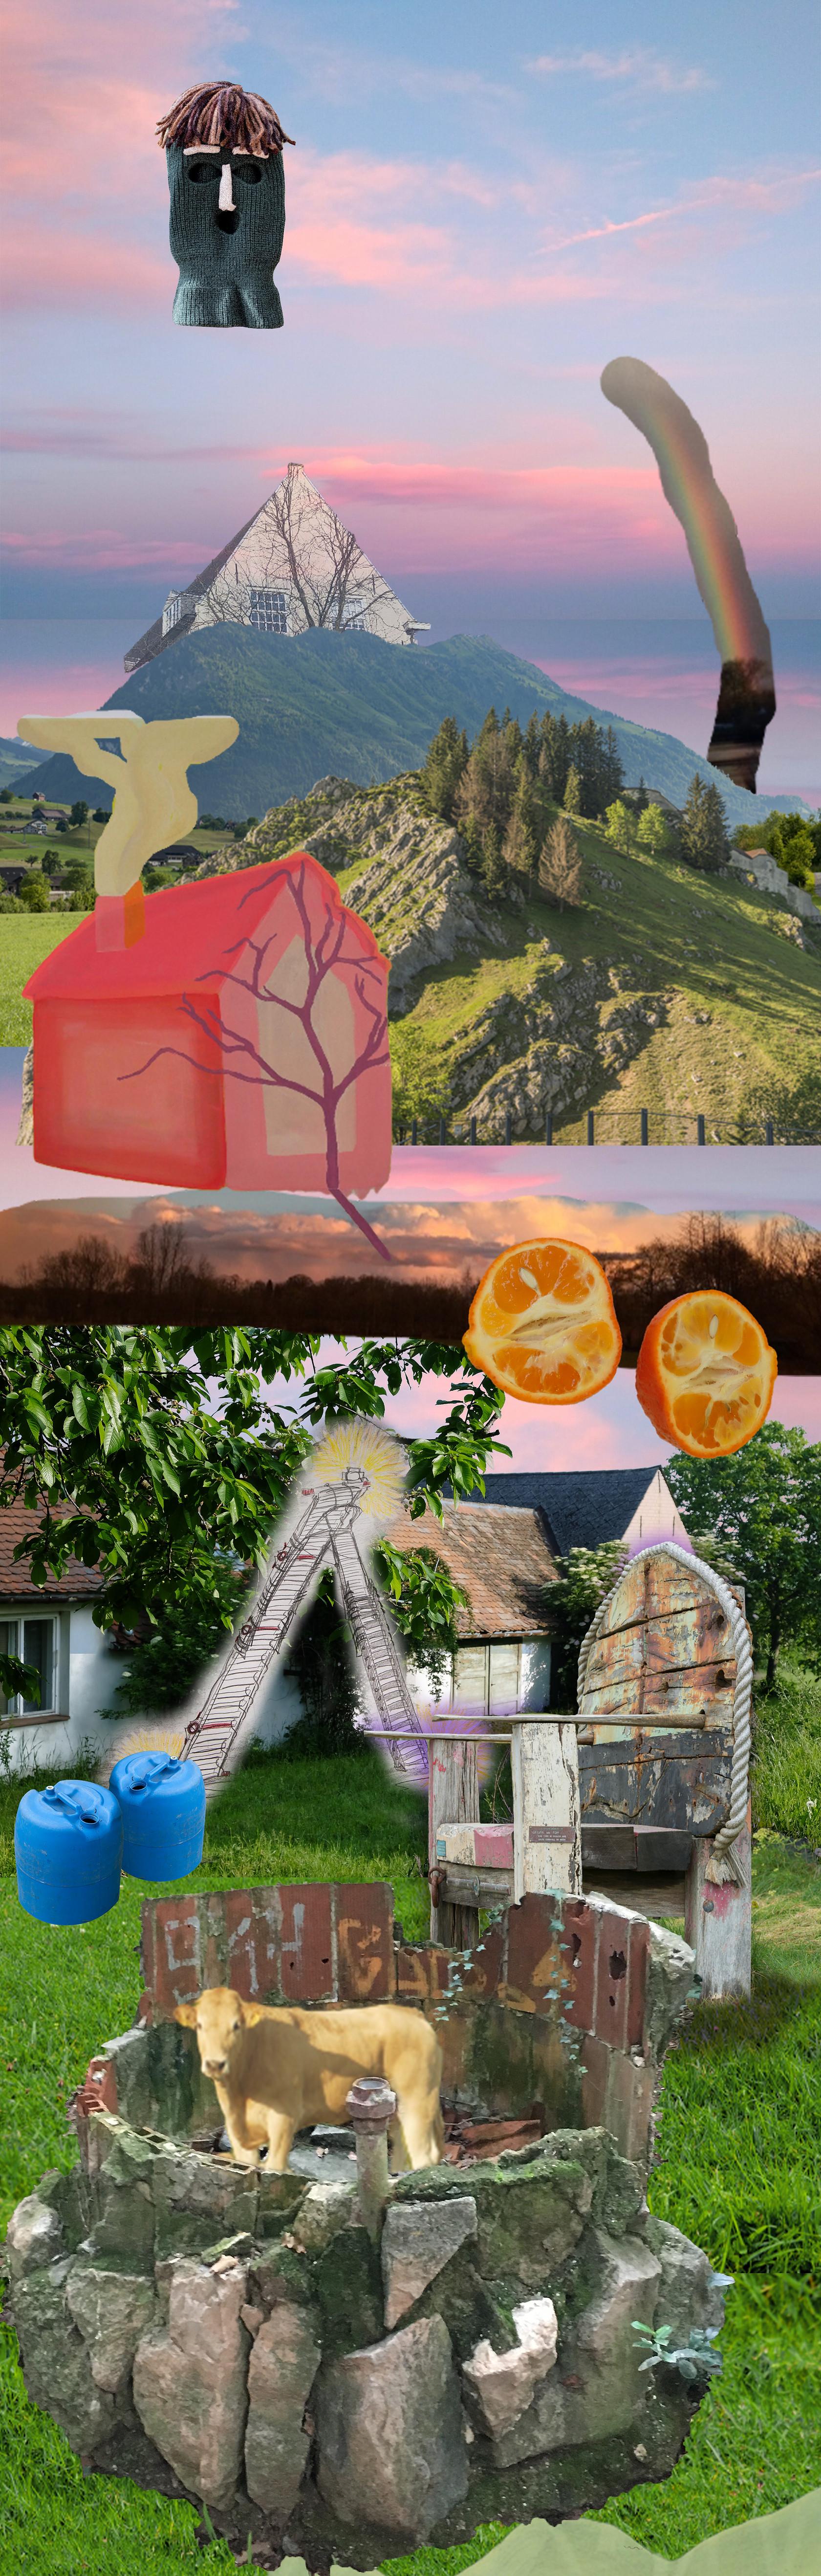 Collage_0616_B_Deel1.jpg